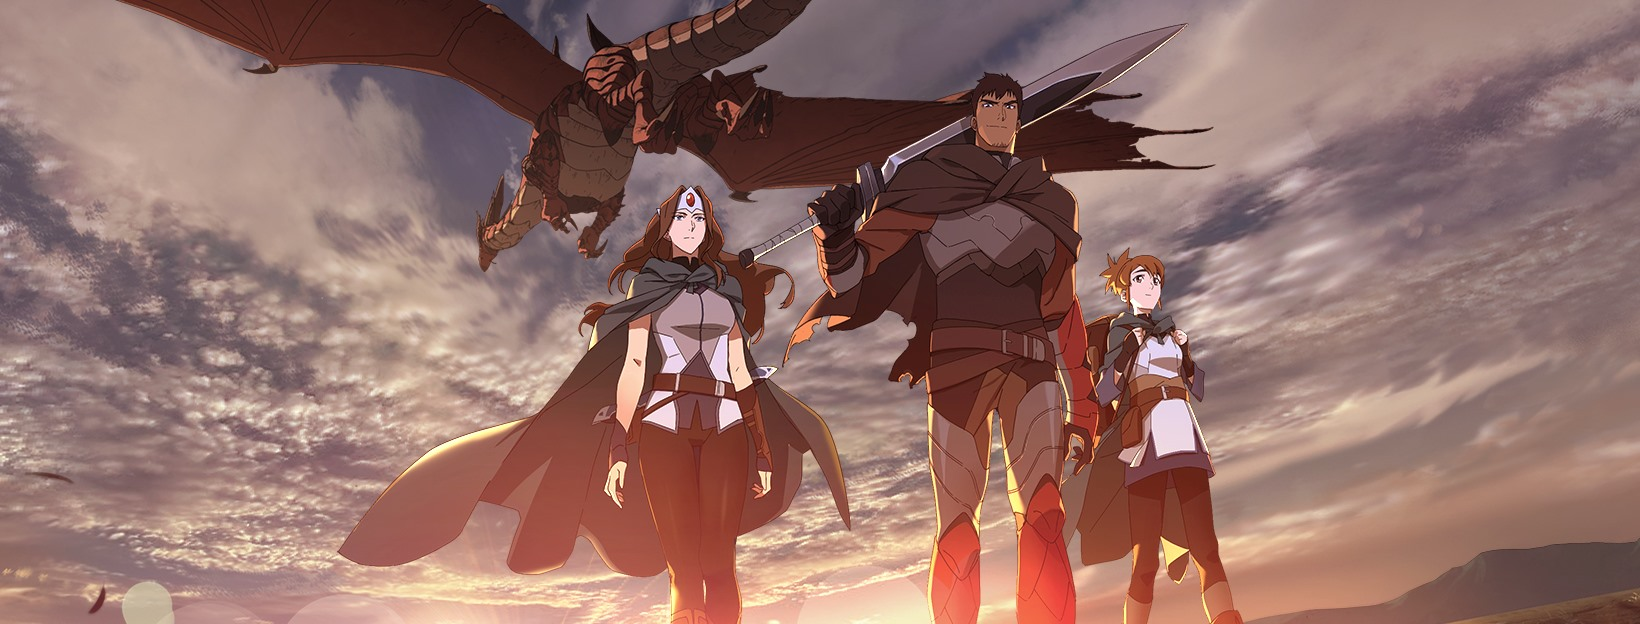 api cdn.gametv.vn f284f2d6d33c3e9e15a09426967a6c57 - Những điều có thể bạn chưa biết về anime DOTA: Dragon Blood